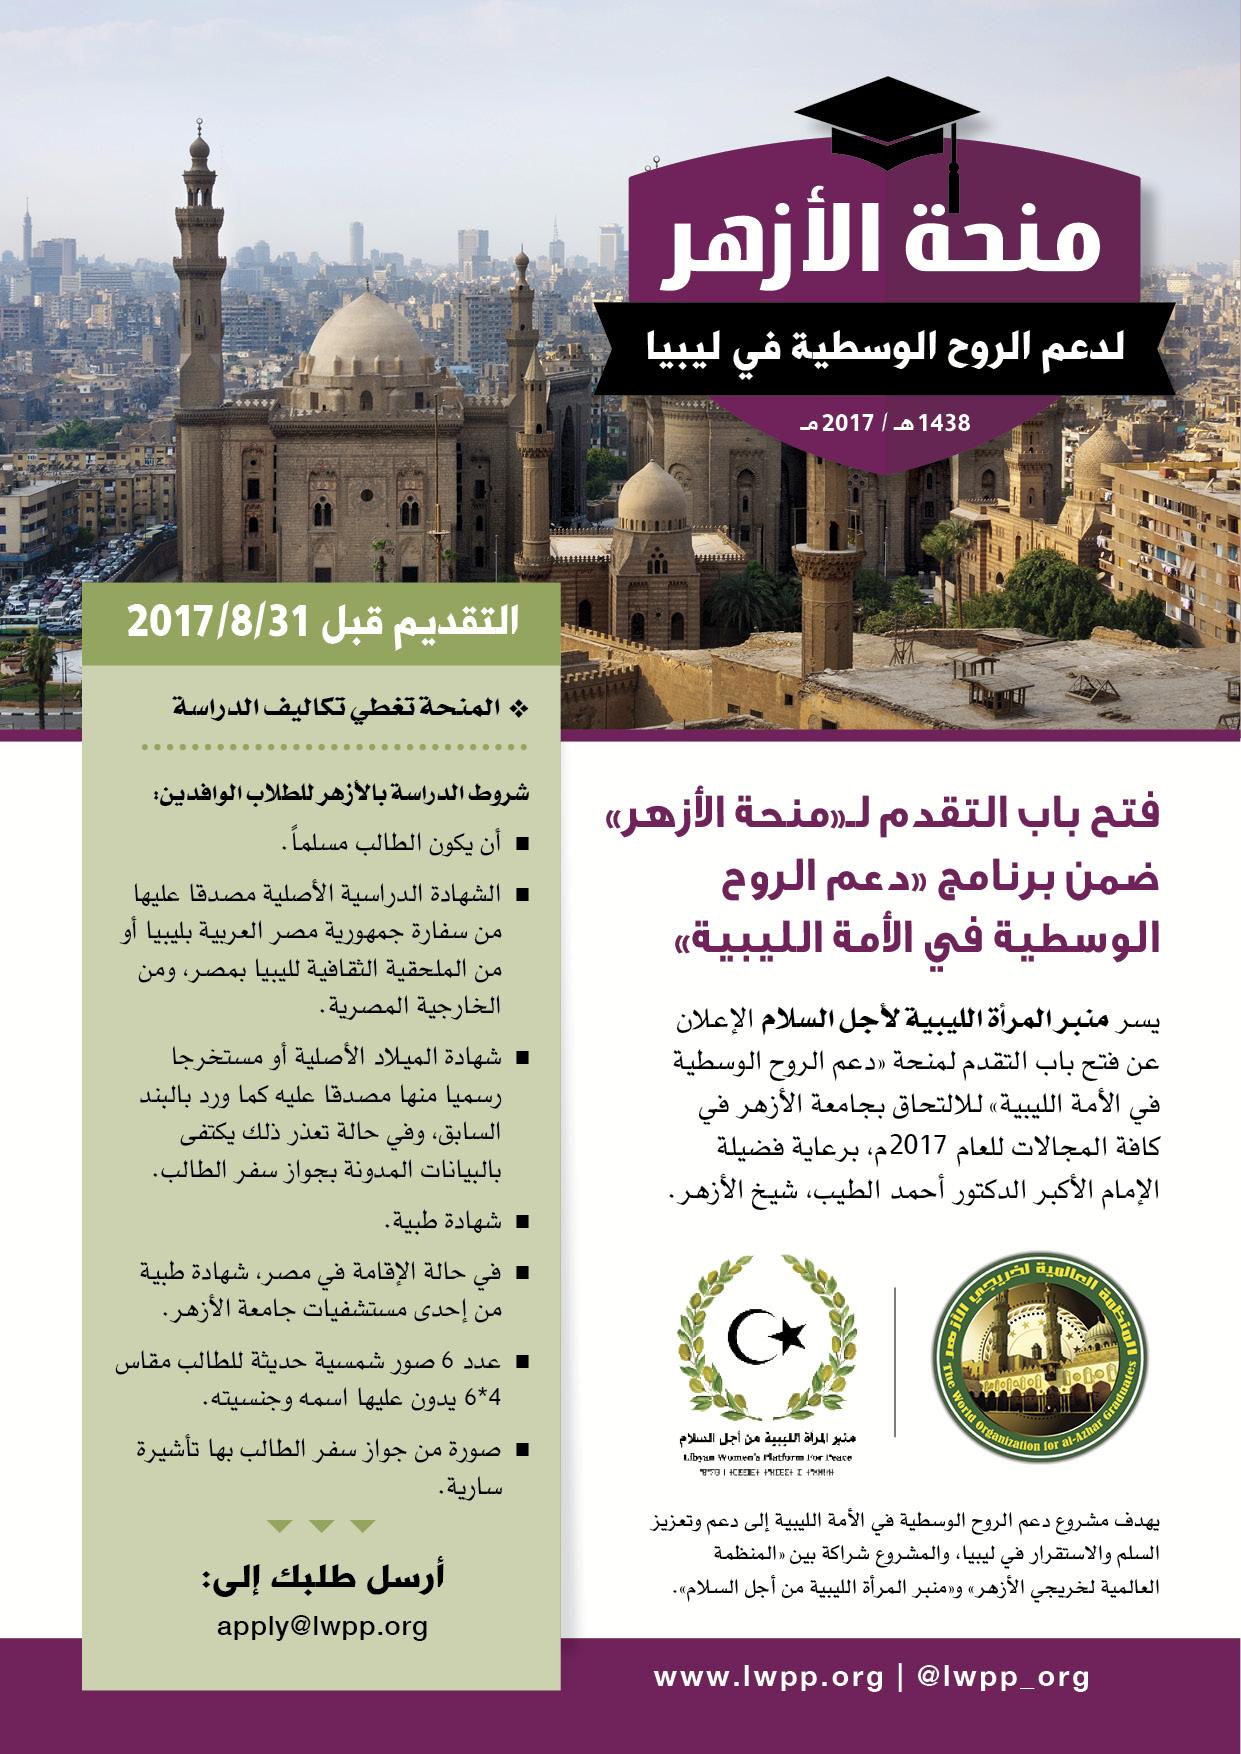 فتح باب القبول في منحة الأزهر ضمن برنامج دعم الوسطية في الأمة الليبية